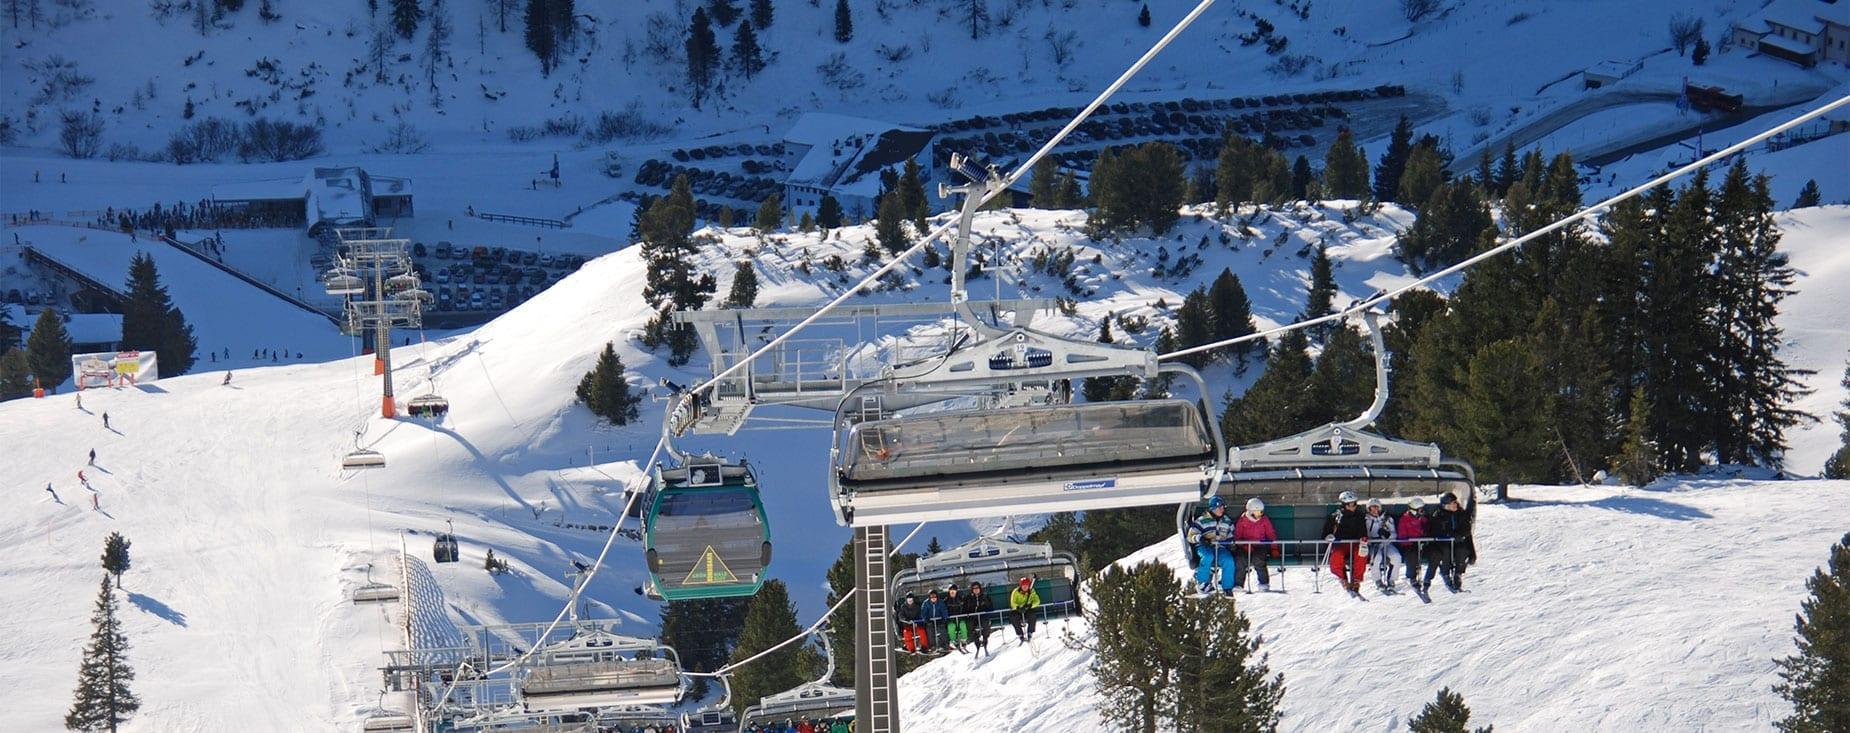 Grünwaldkopfbahn im Skigebiet Obertauern, Salzburg